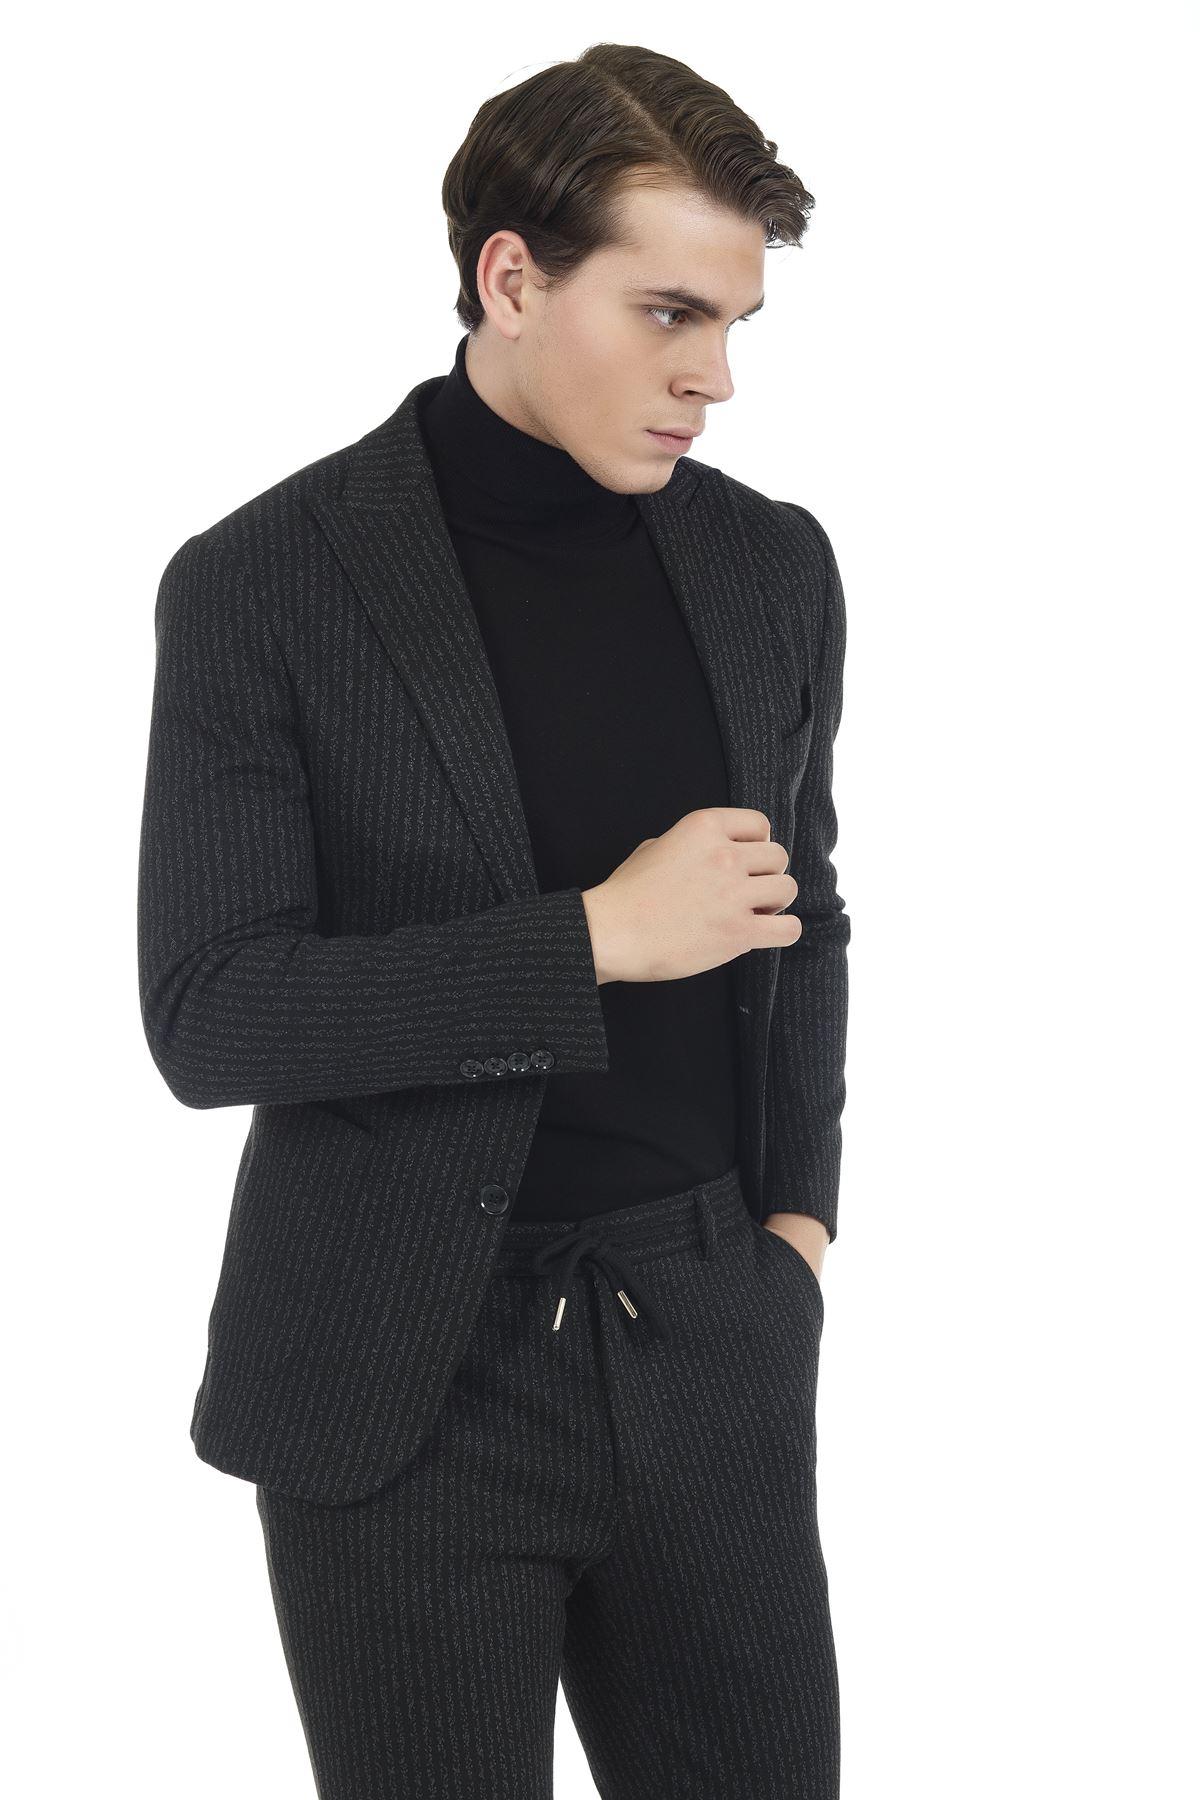 Siyah Beyaz Çizgili Süper Slim Likralı Spor Takım Elbise